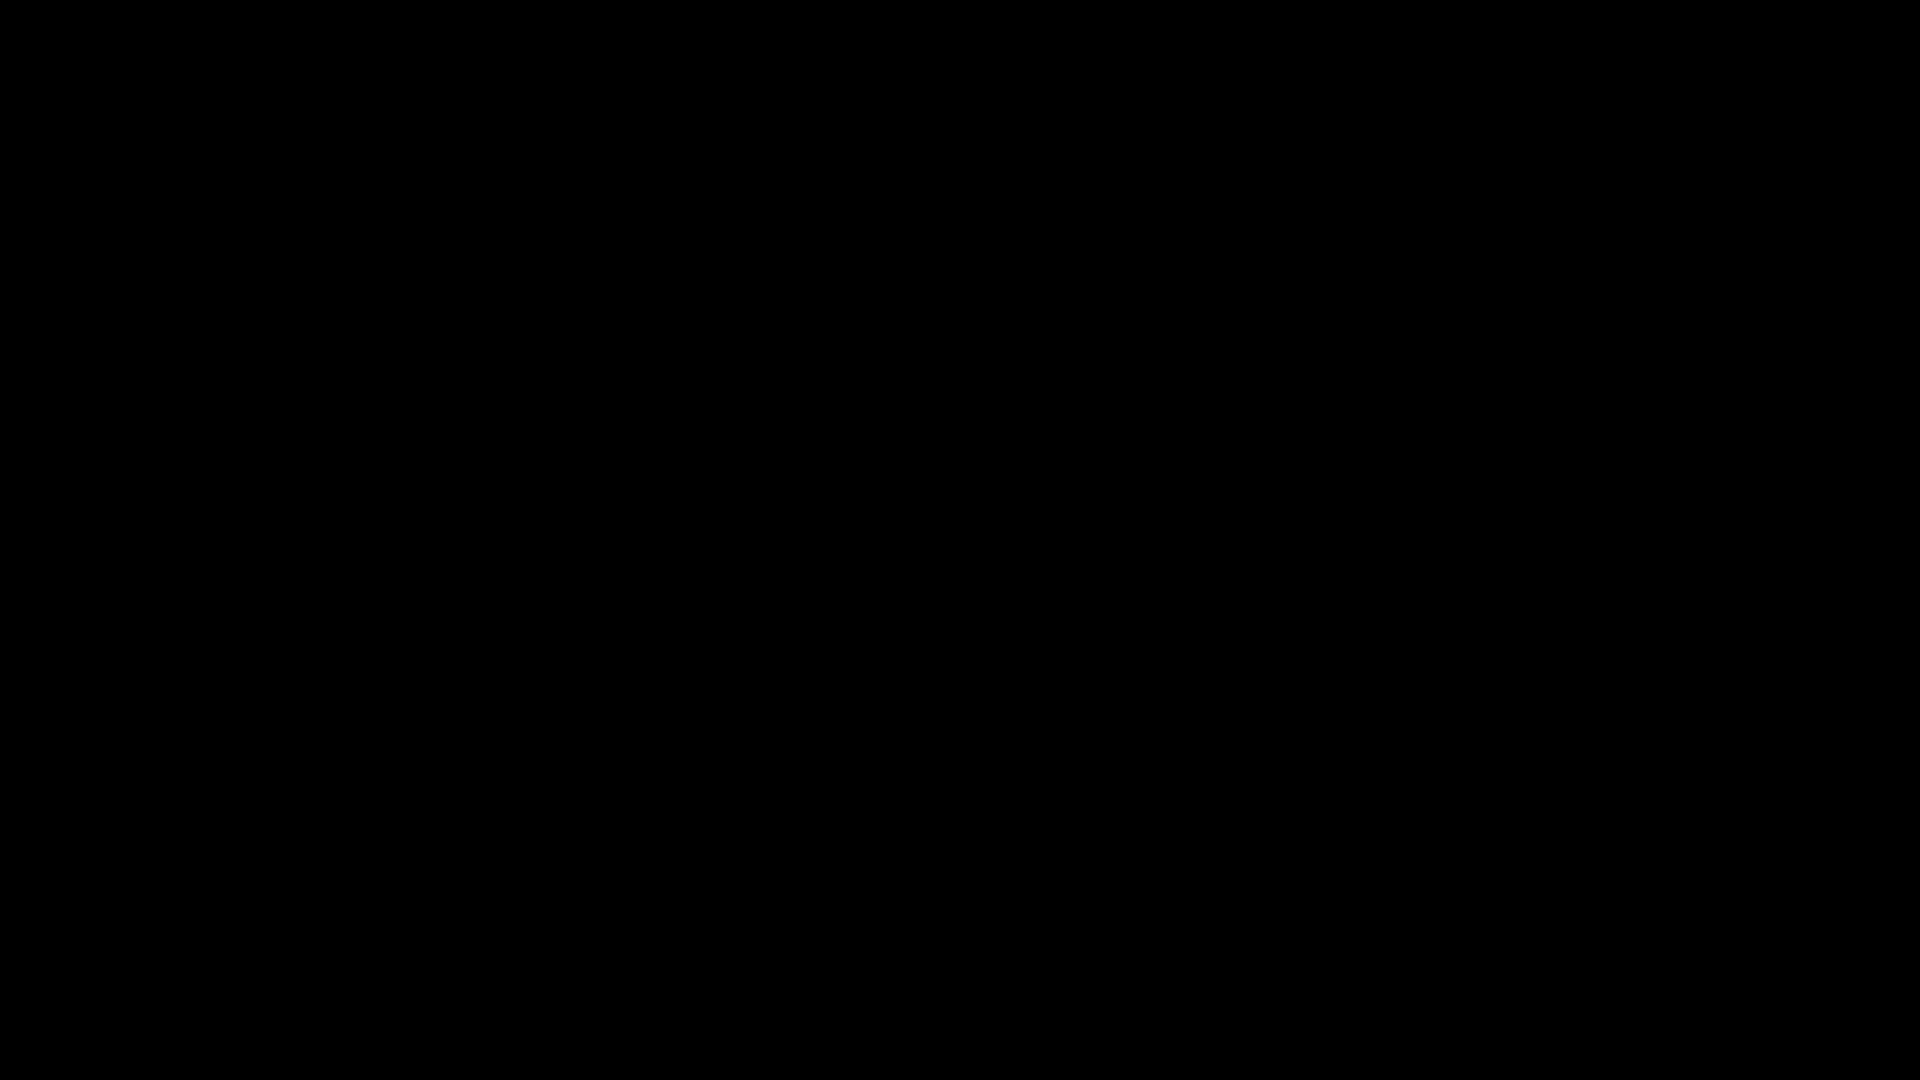 5-tlg. Chefbesteck Edelstahl Küchenmesser Block Set antihaftbeschichteter Griff